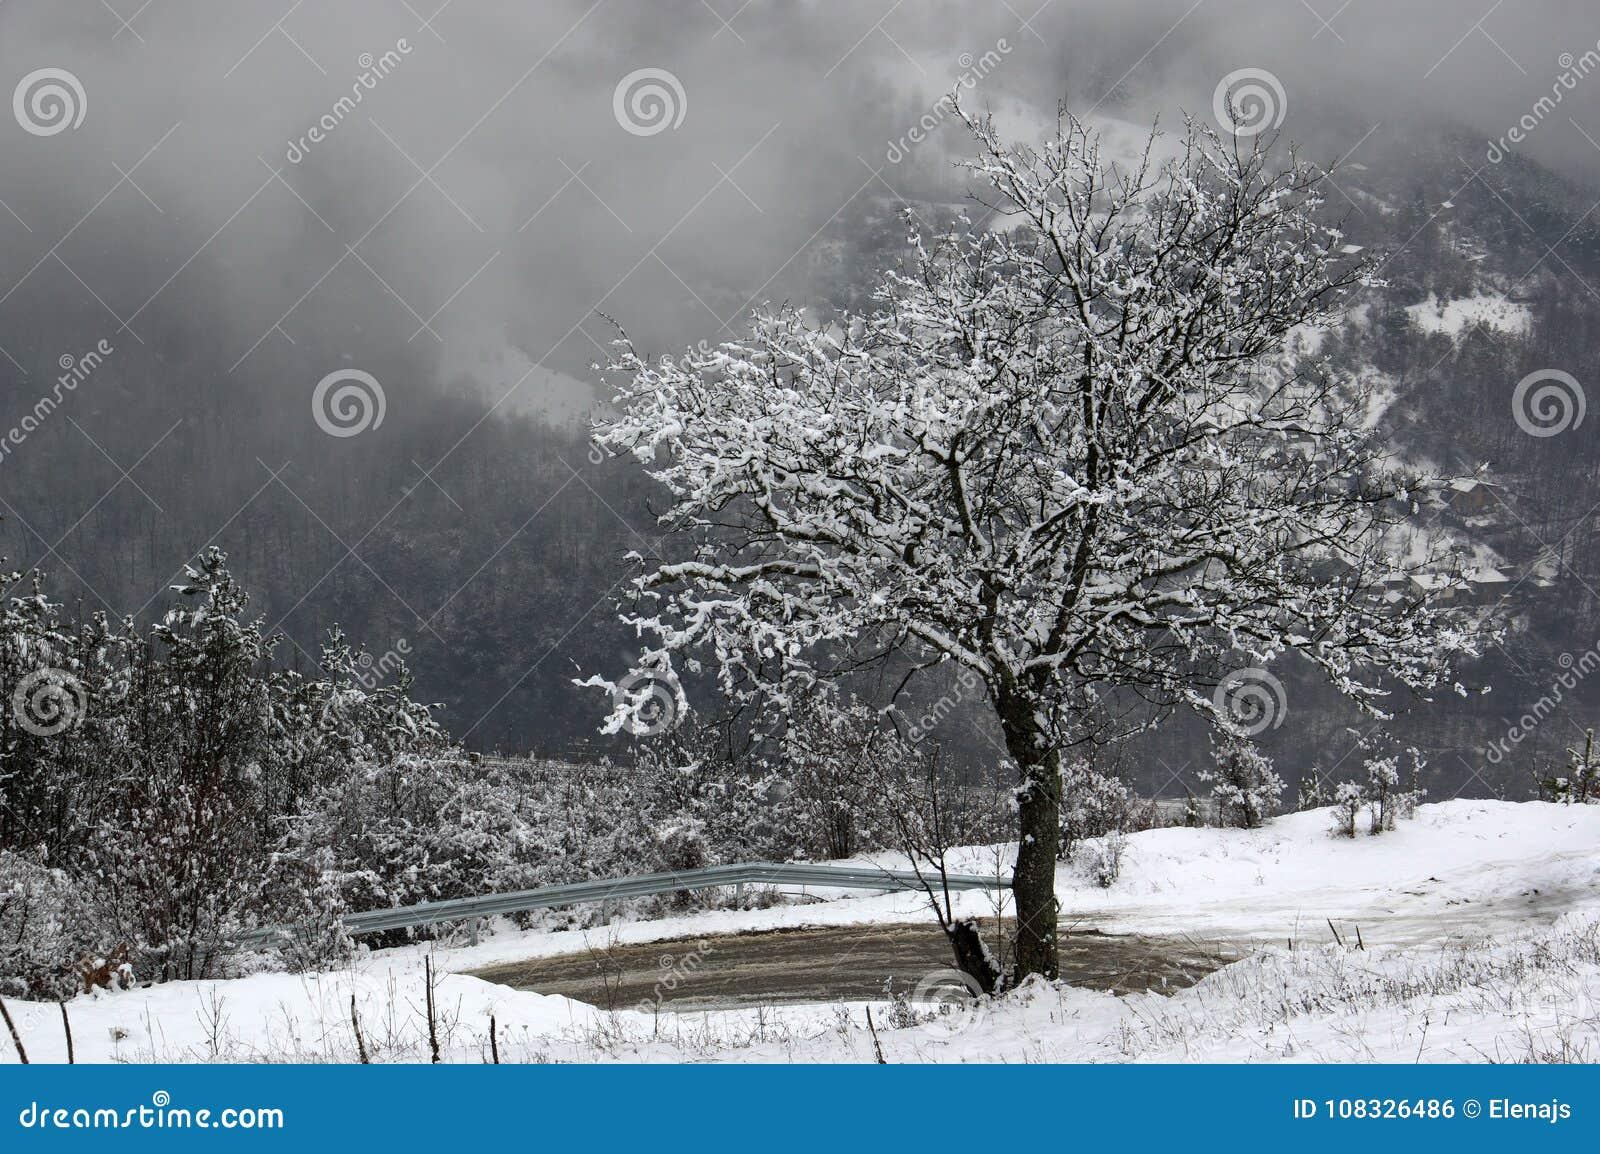 Garganta del río de Iskar, cerca de Svoge, Bulgaria - imagen del invierno